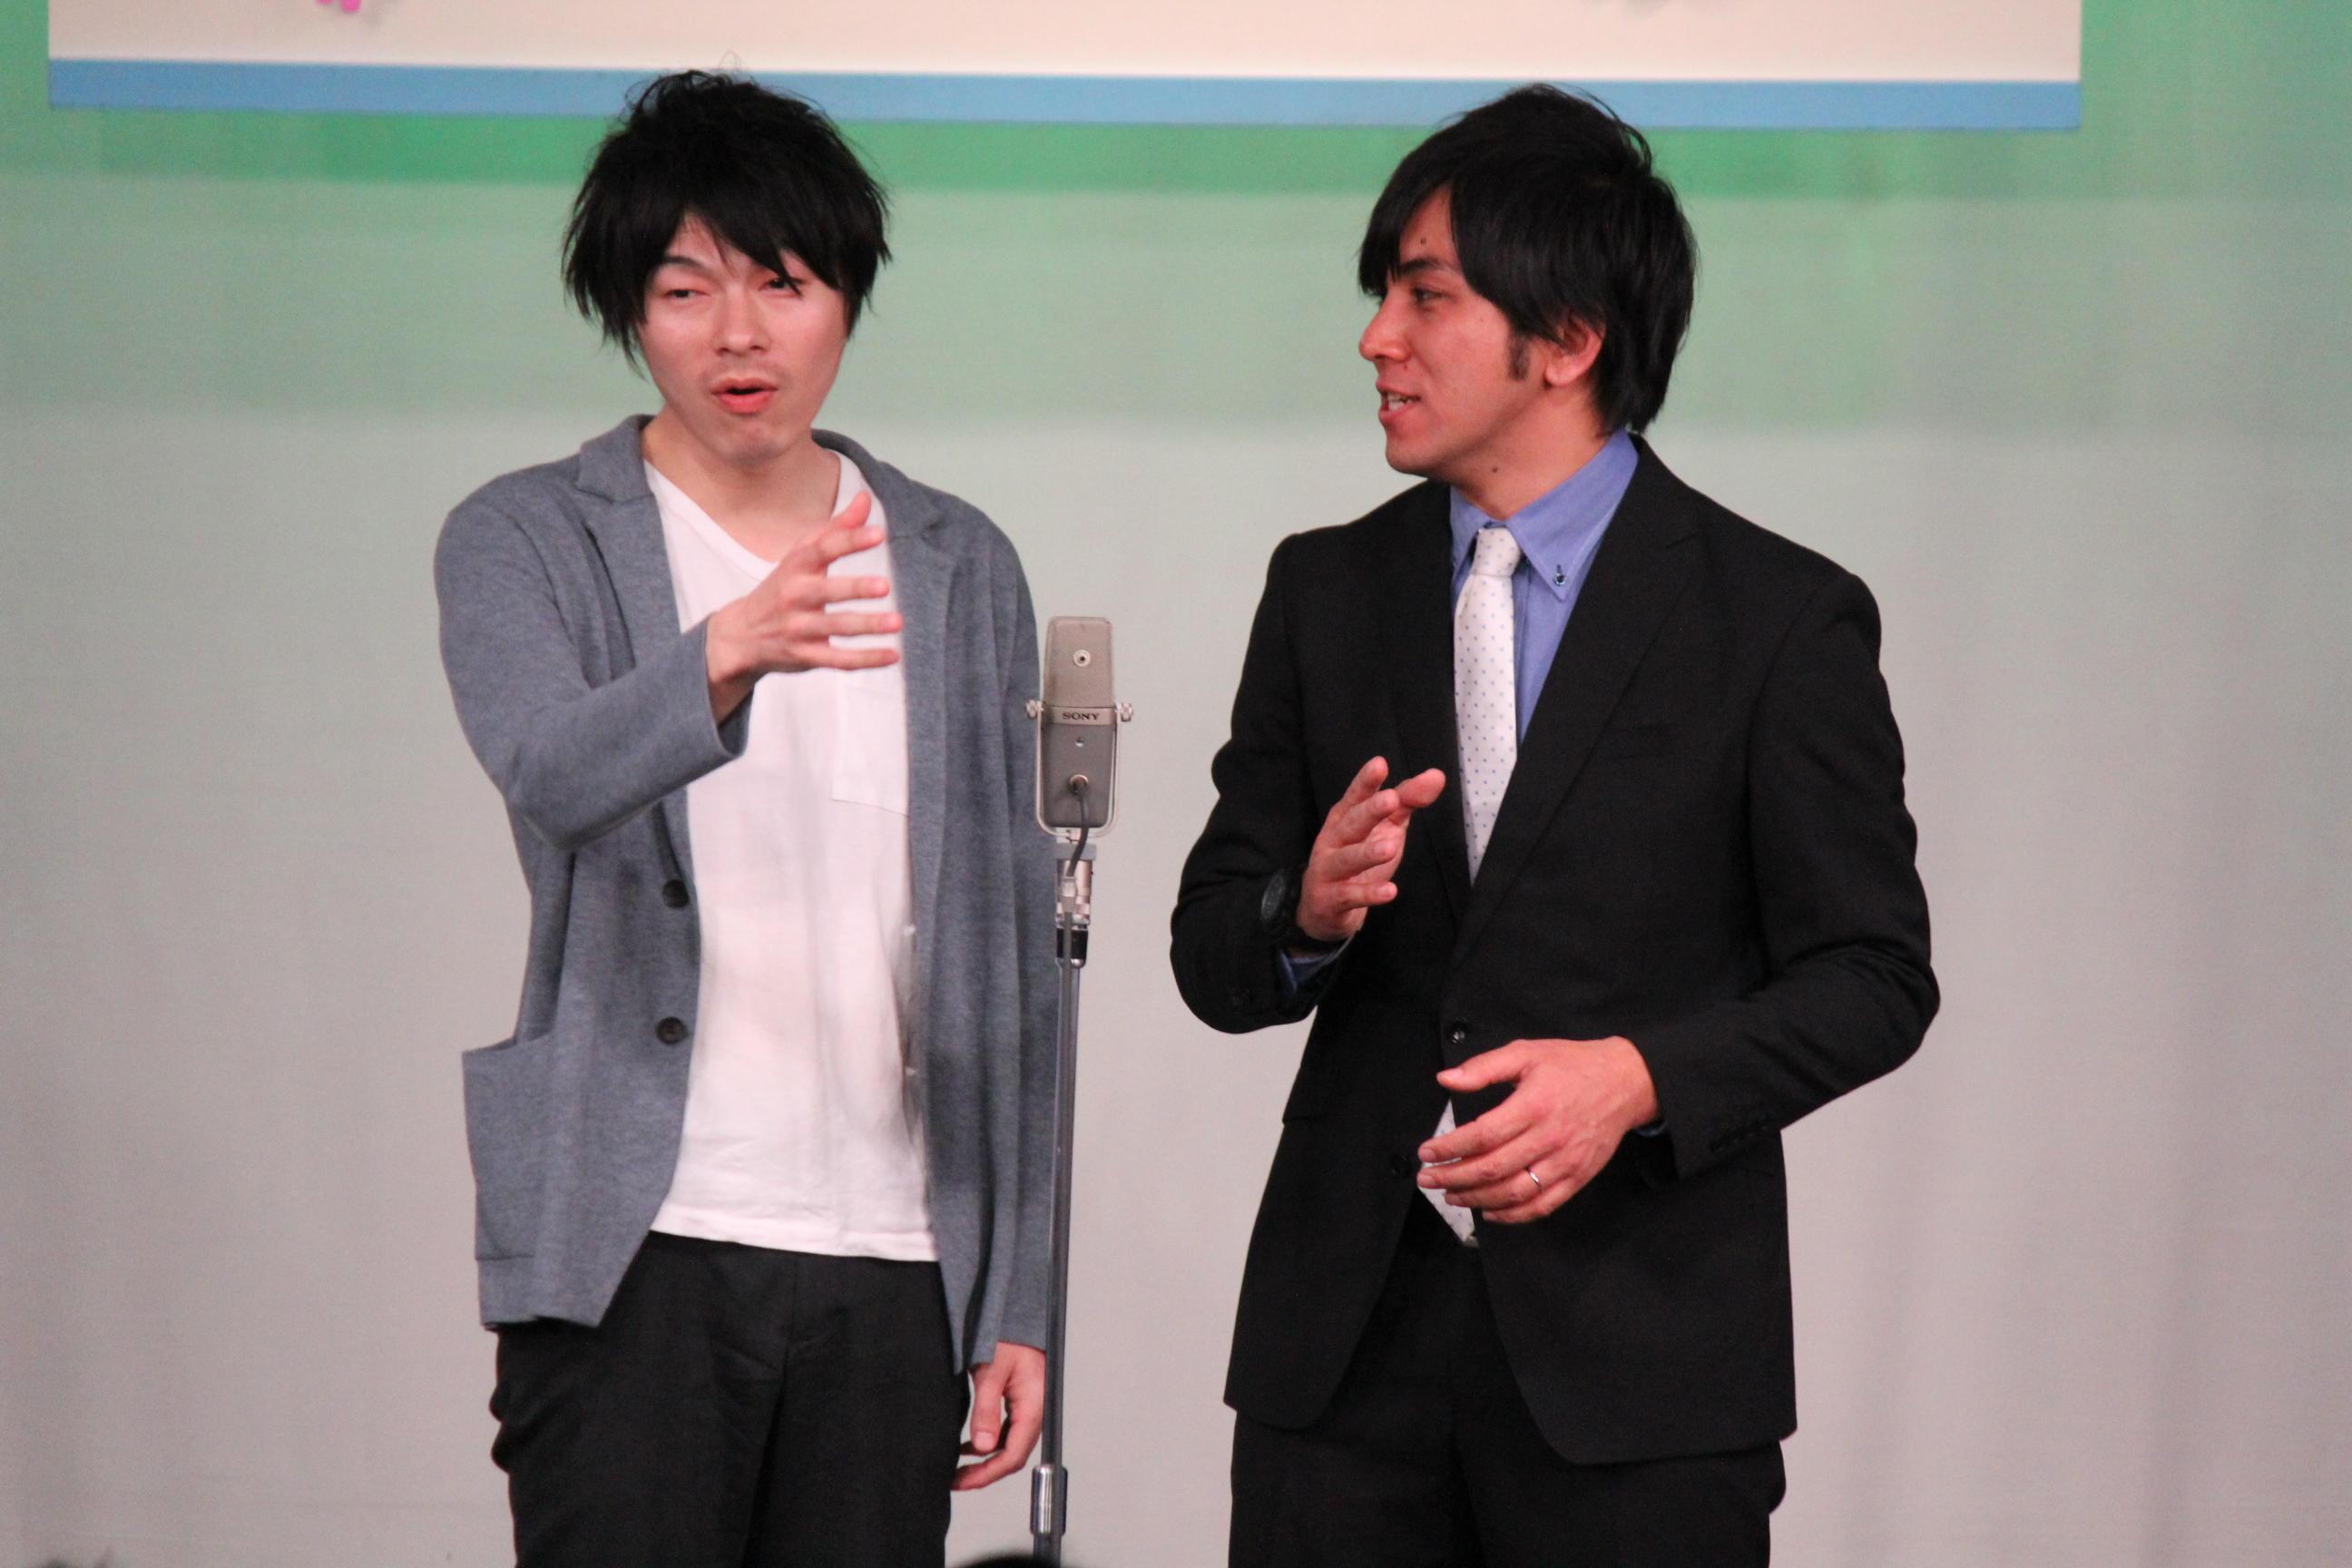 http://news.yoshimoto.co.jp/20160221173408-953307f3e36bb31c6b7d5a89a7b7406bb5d480de.jpg